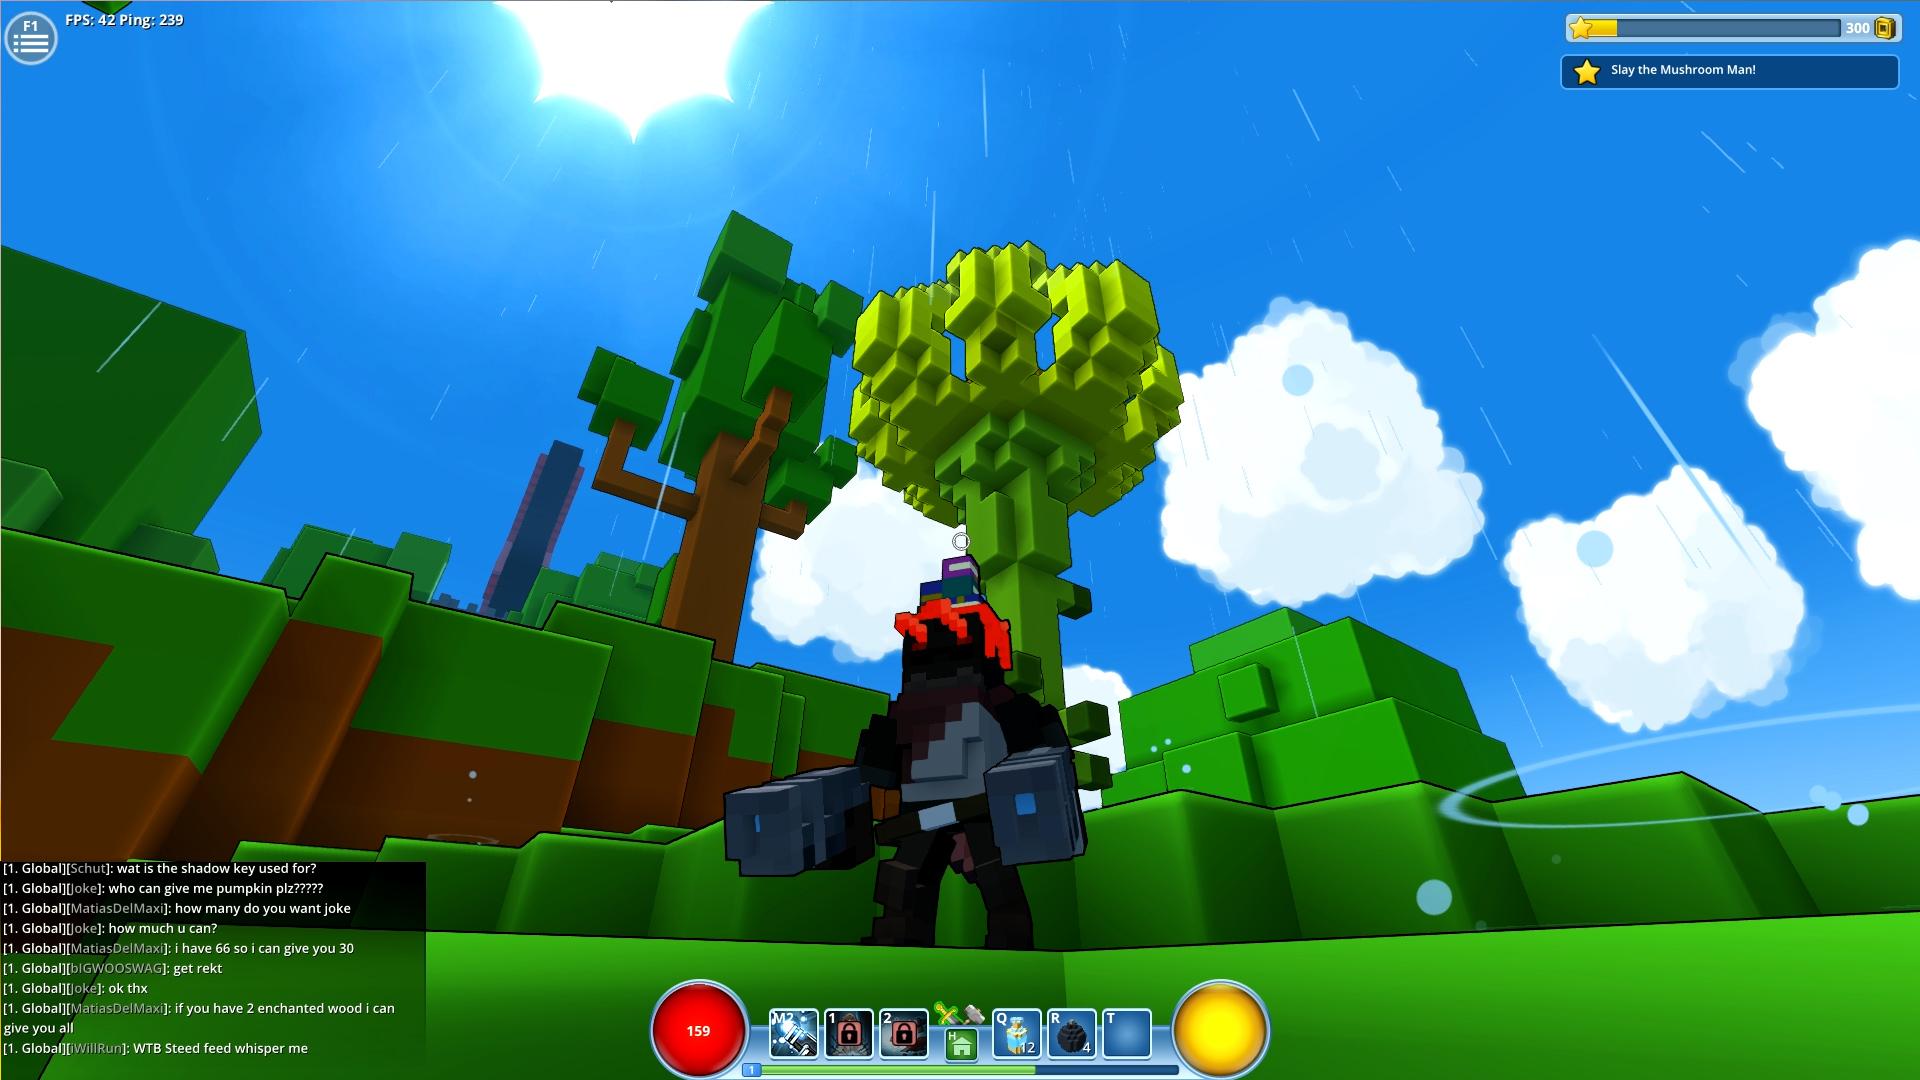 Trove Kostenloses SandboxRollenspiel Spieletrend - Minecraft kostenlos spielen das echte